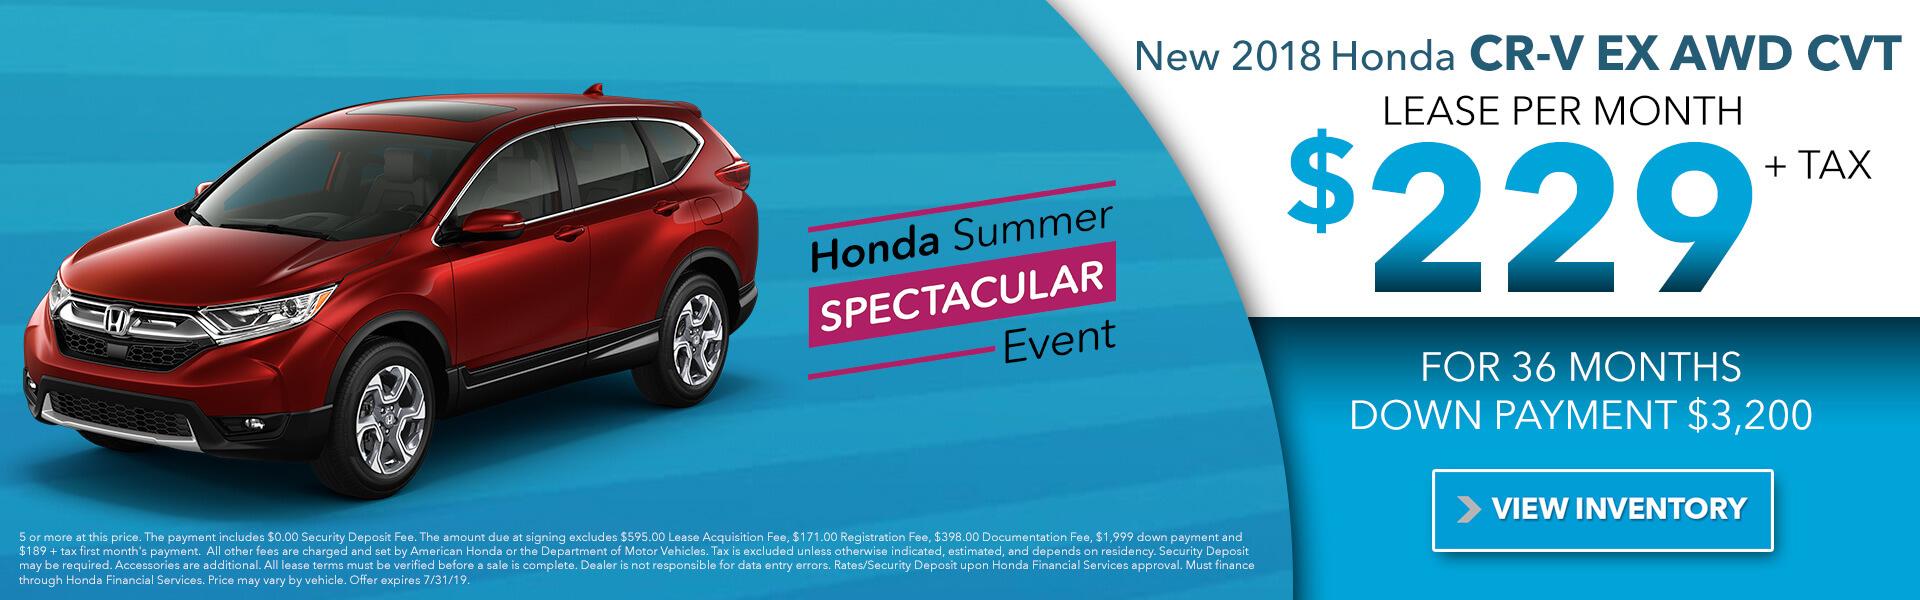 2018 Honda CR-V EX AWD CVT $229 per month